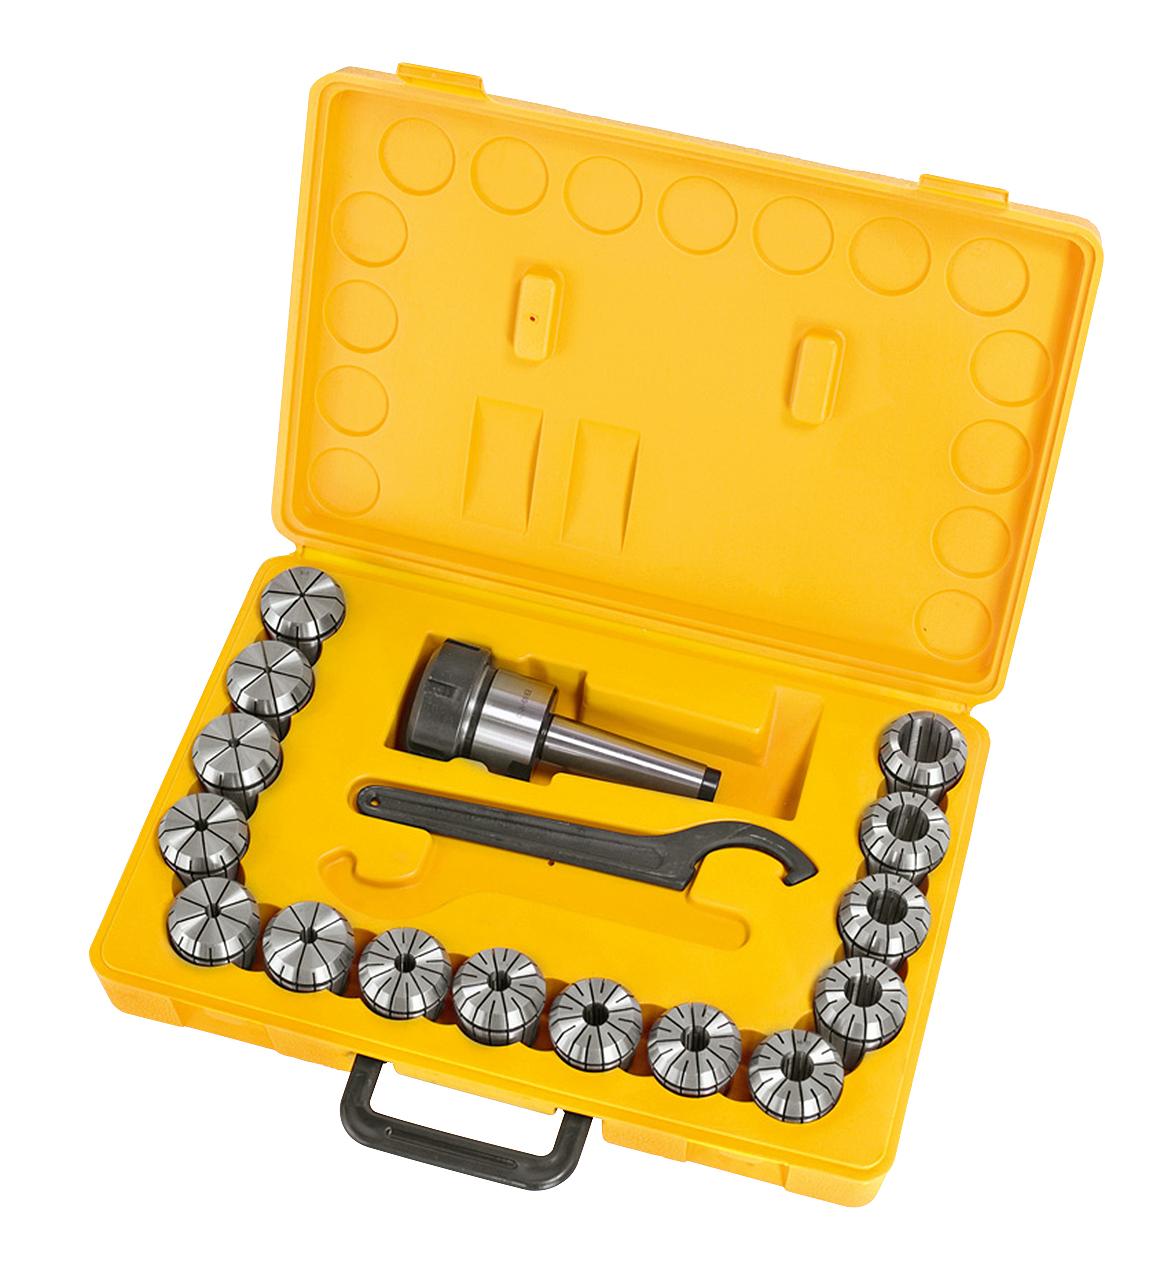 Tuleje zaciskowe frezu, zestaw, MK 3, 3 - 25 mm, 16 szt. ER40 BERNARDO